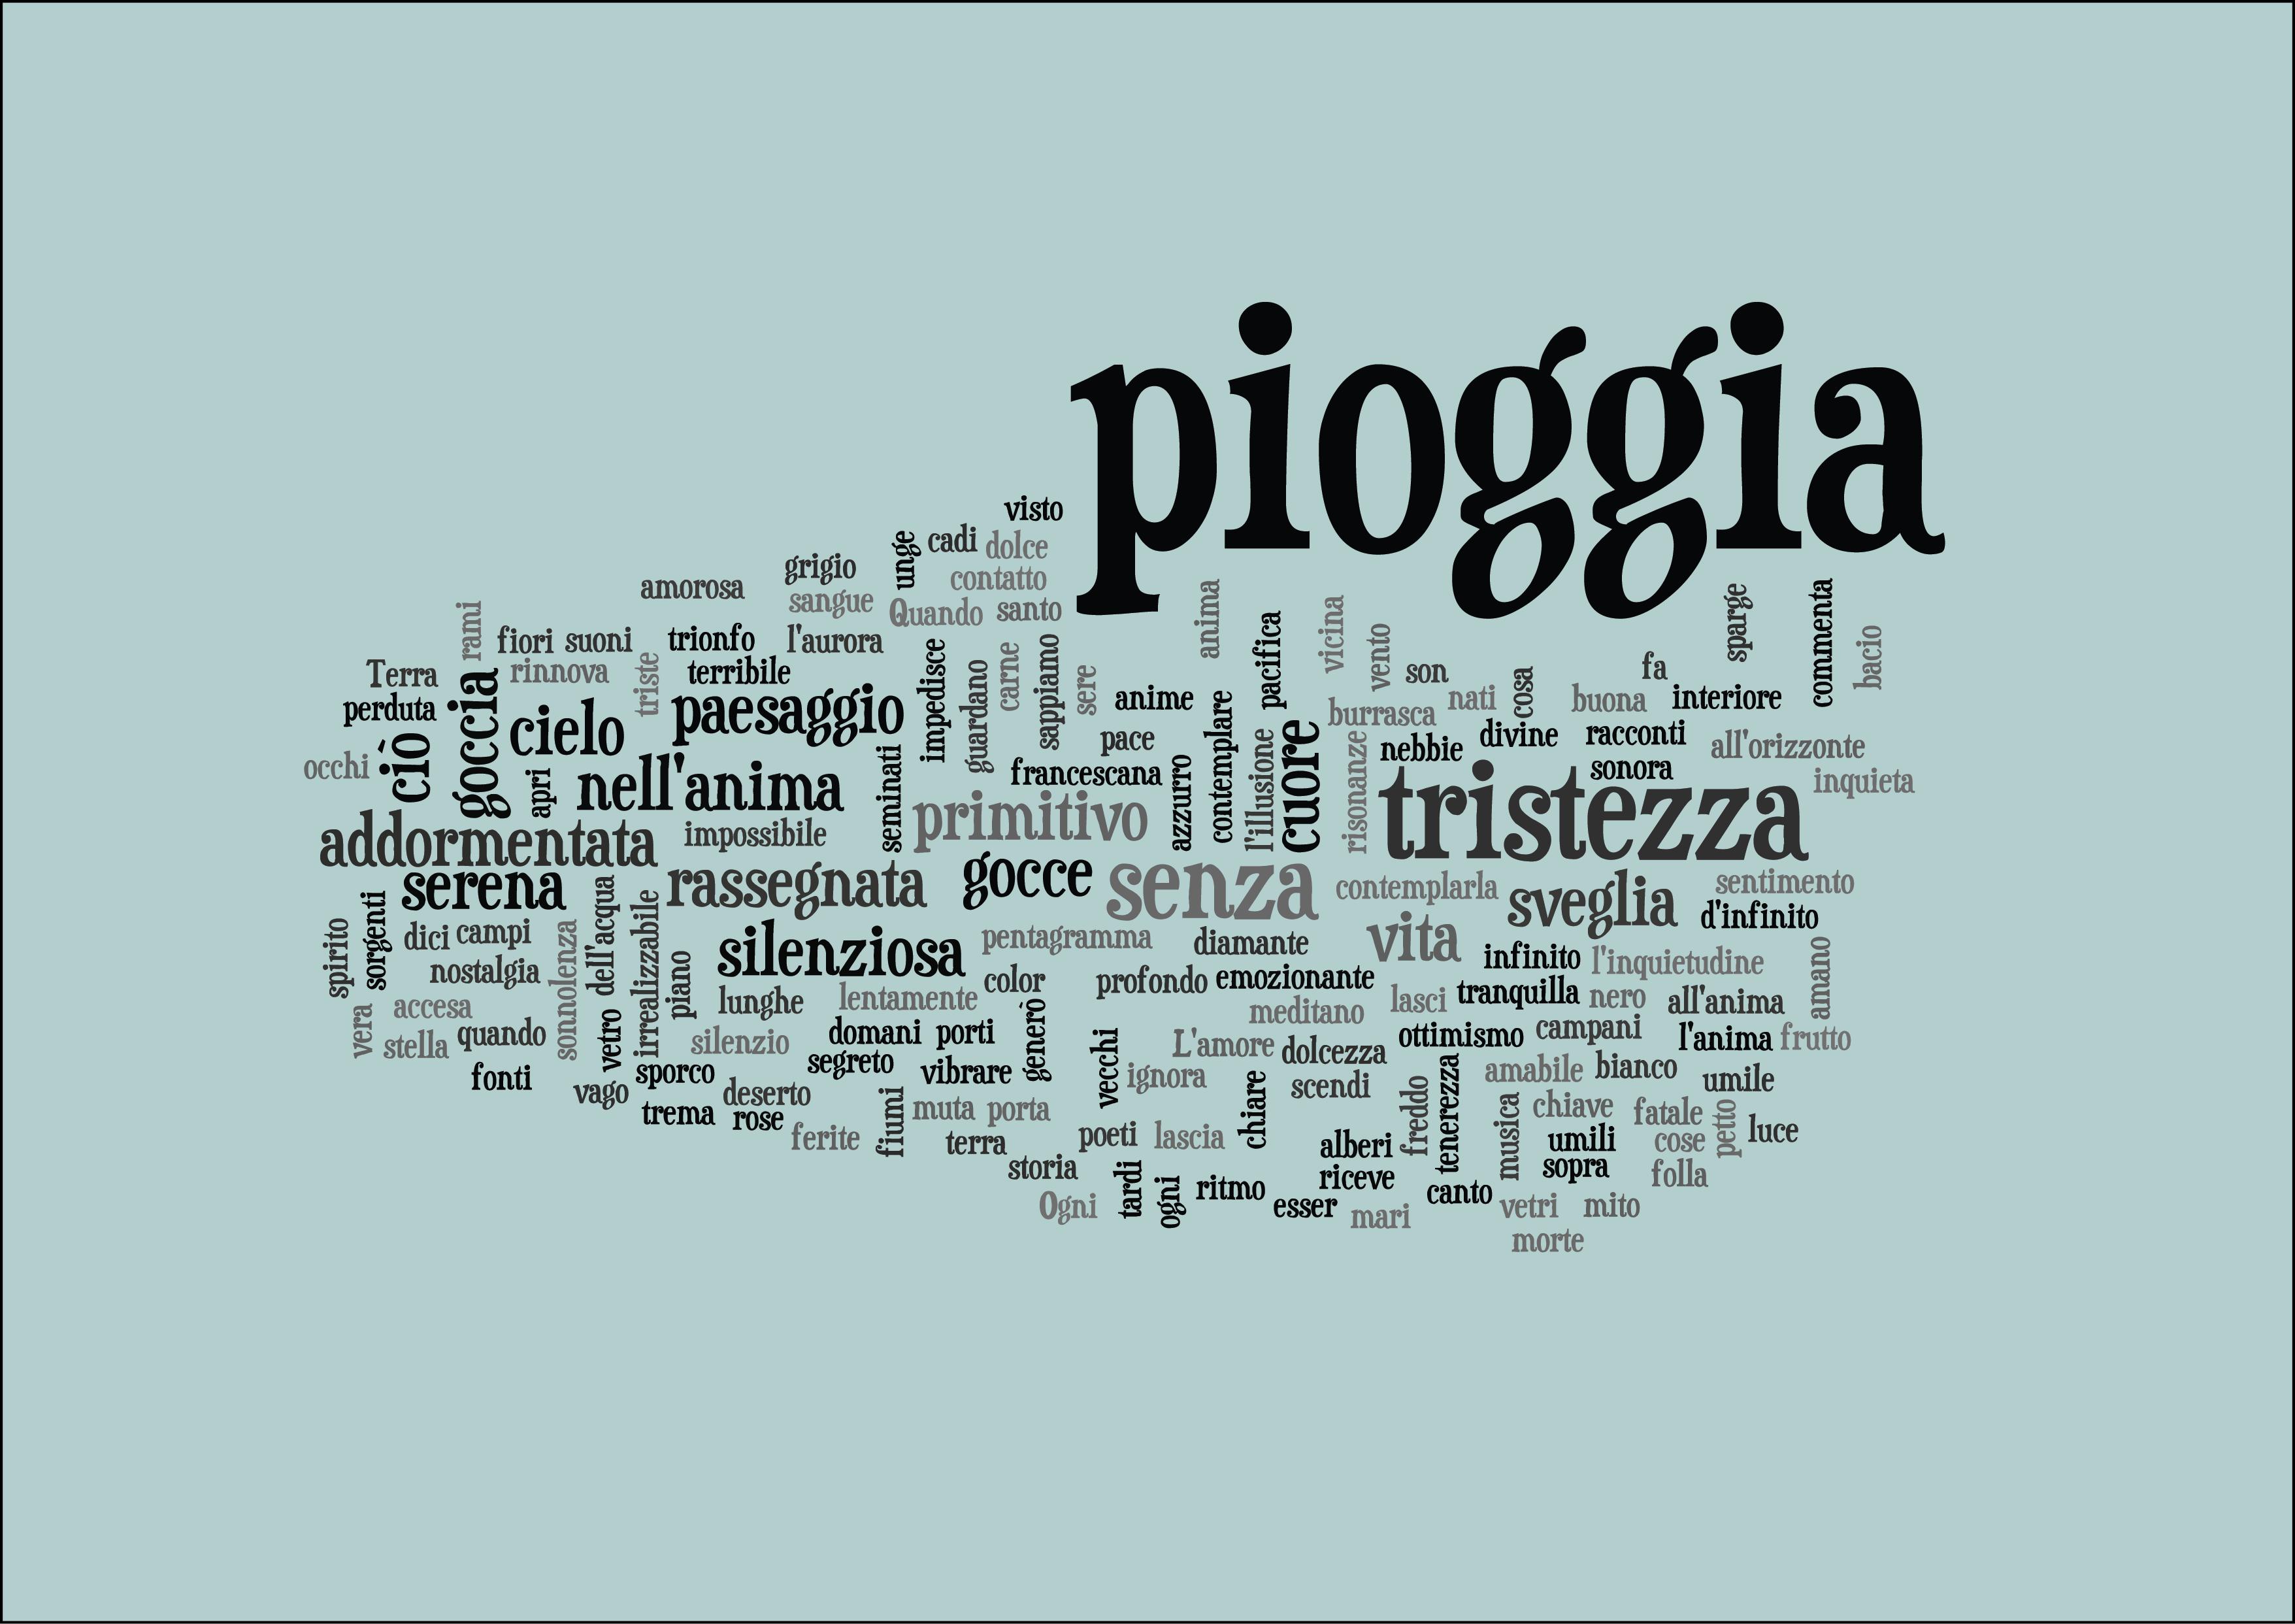 Pioggia Di Federico Garcia Lorca Nuvole Di Poesia